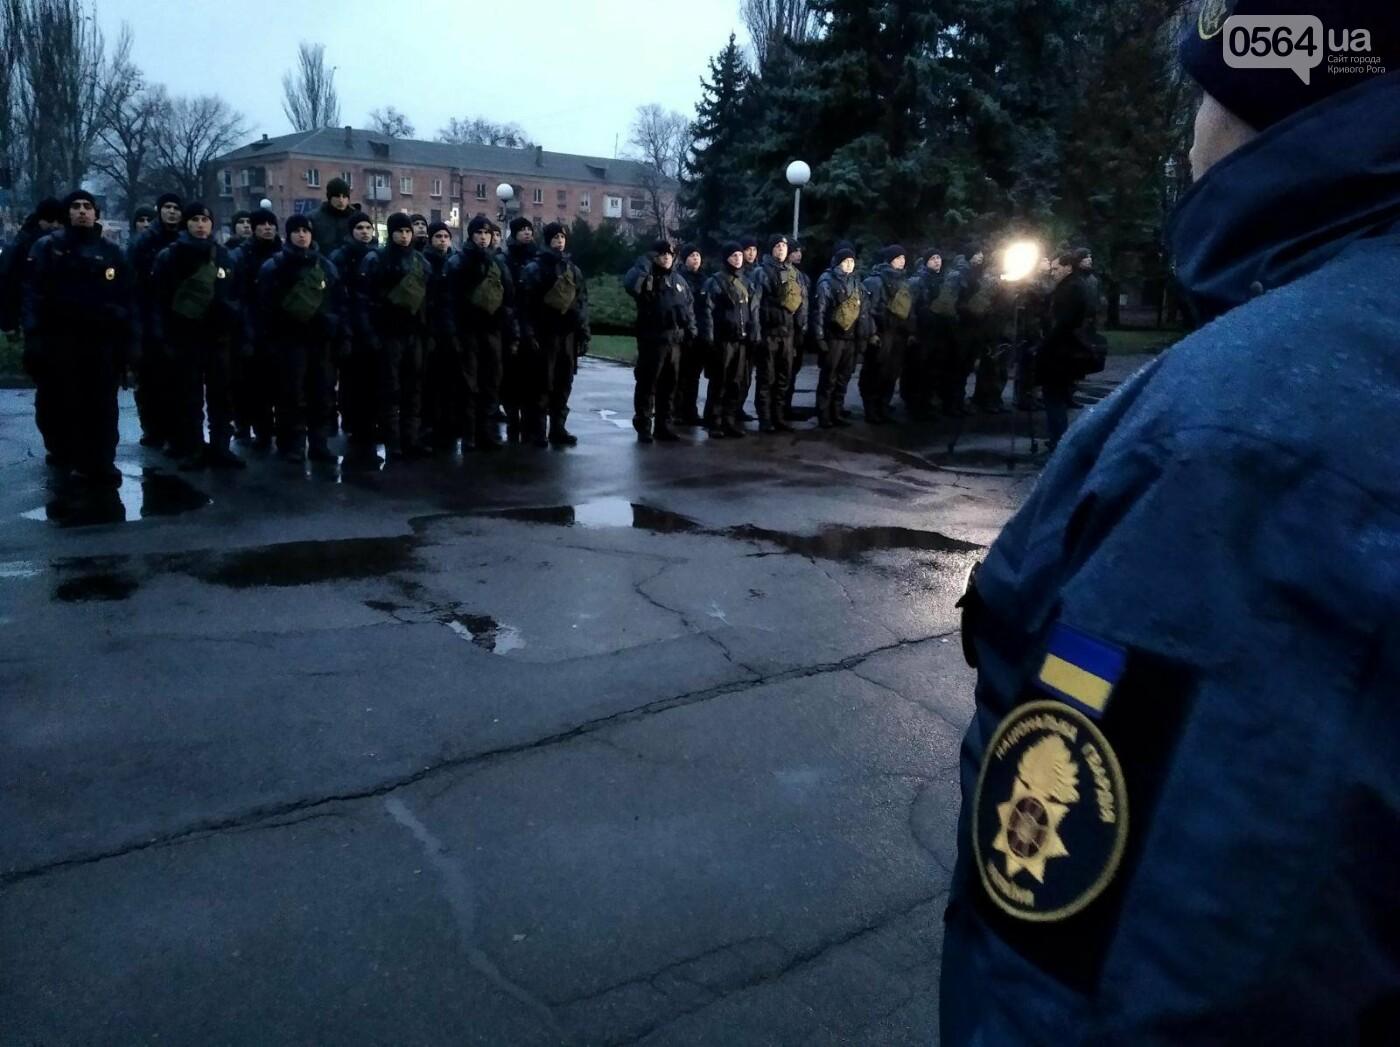 Криворожские военнослужащие и правоохранители приступили к усиленному патрулированию Долгинцевского района, - ФОТО , фото-3